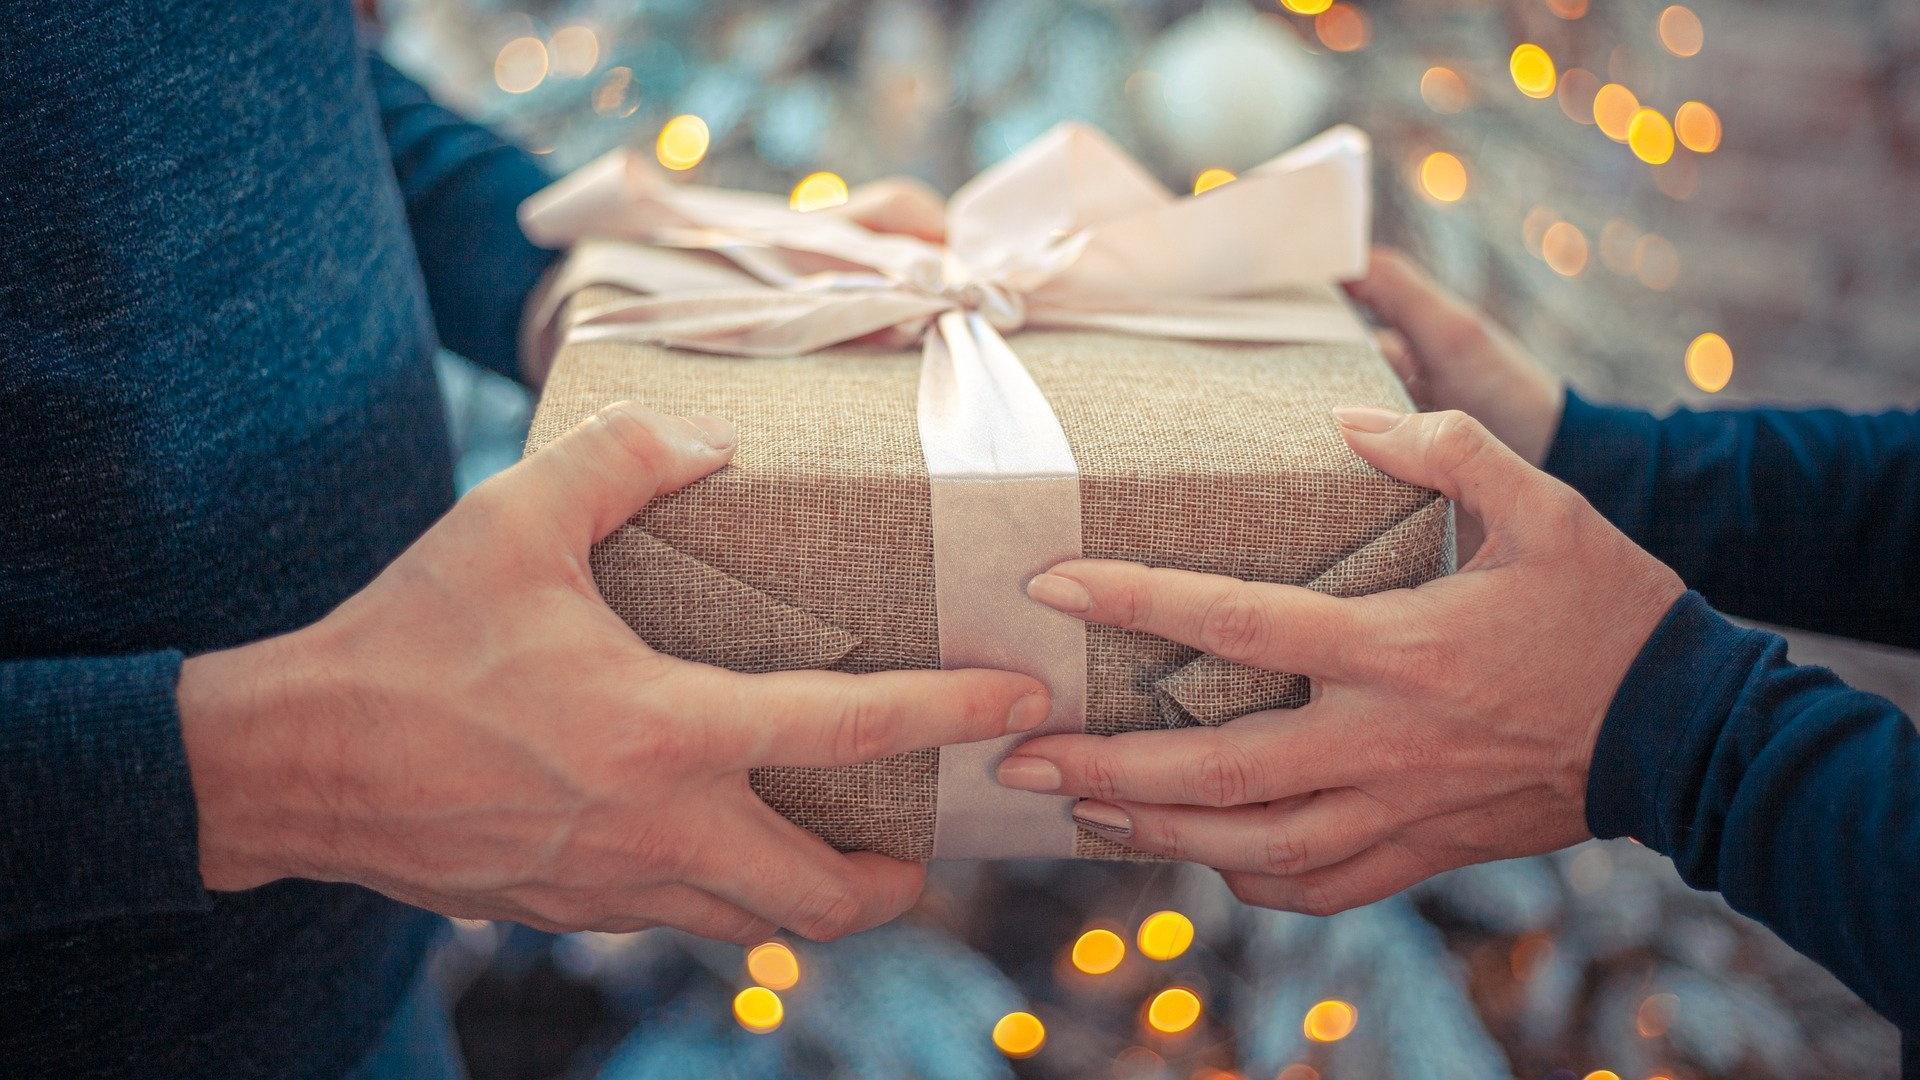 Spende verschenken: 10 sinnvolle Geschenke